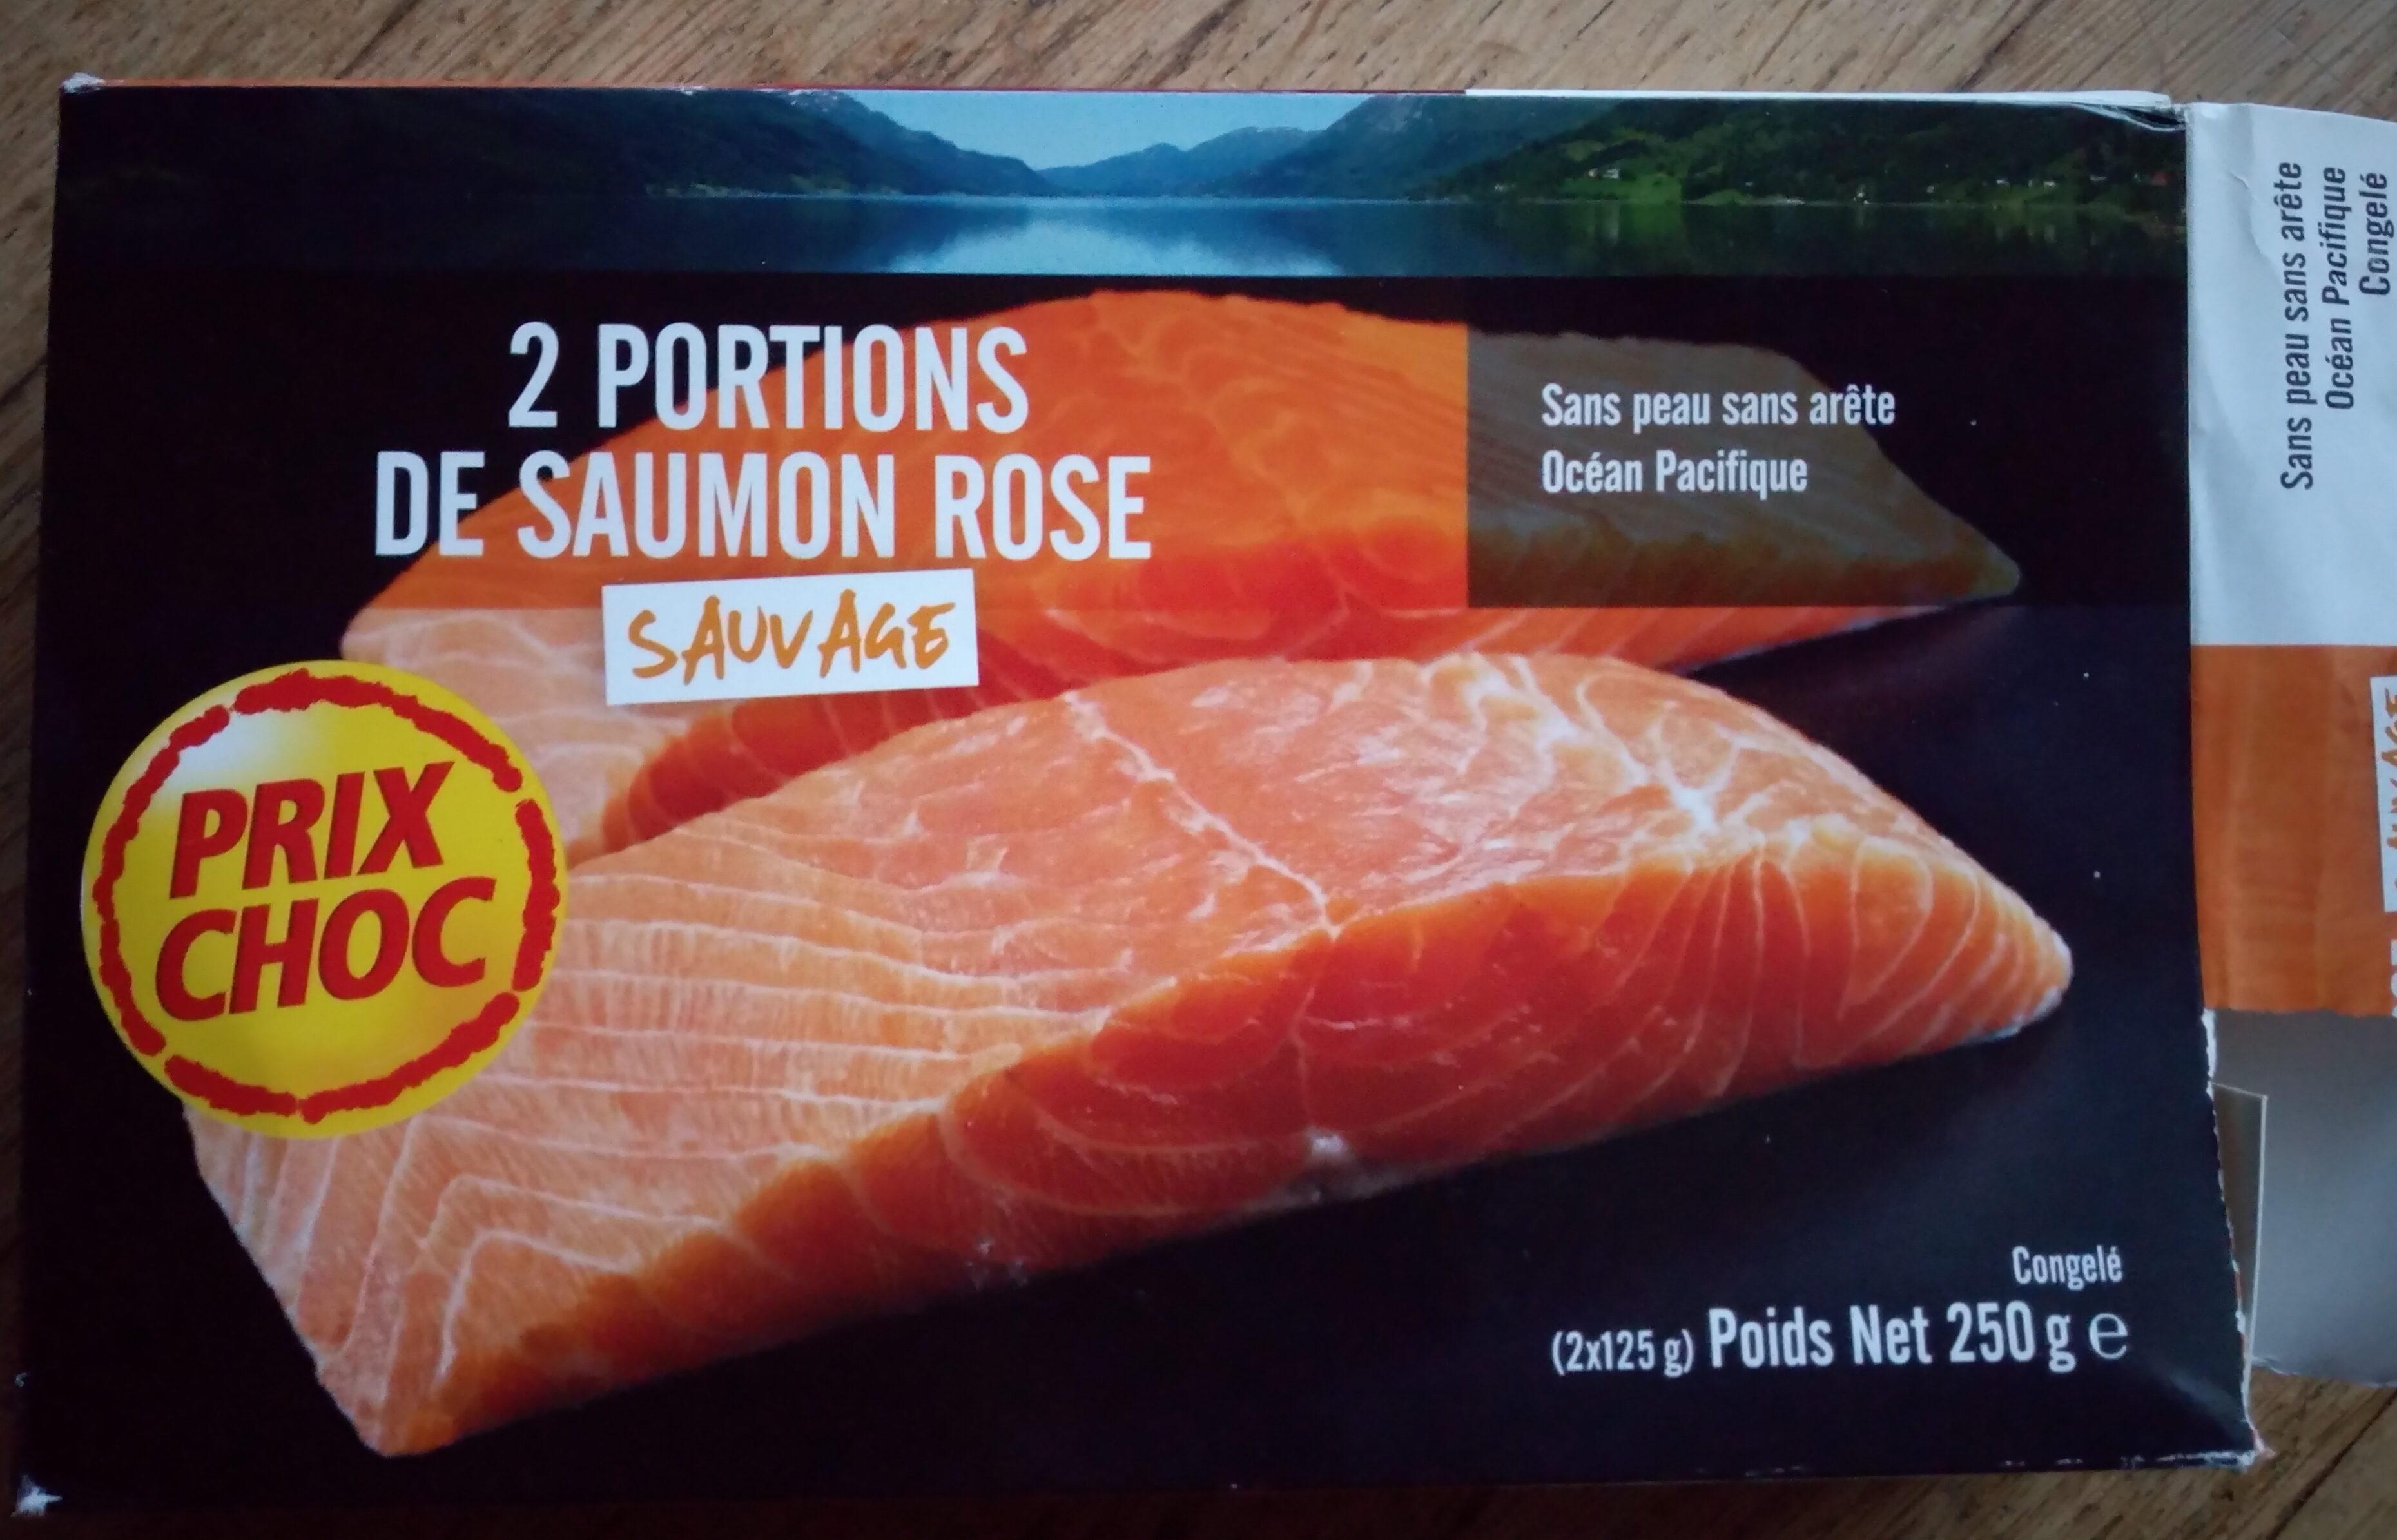 2 portions de saumon rose sauvage - Product - fr